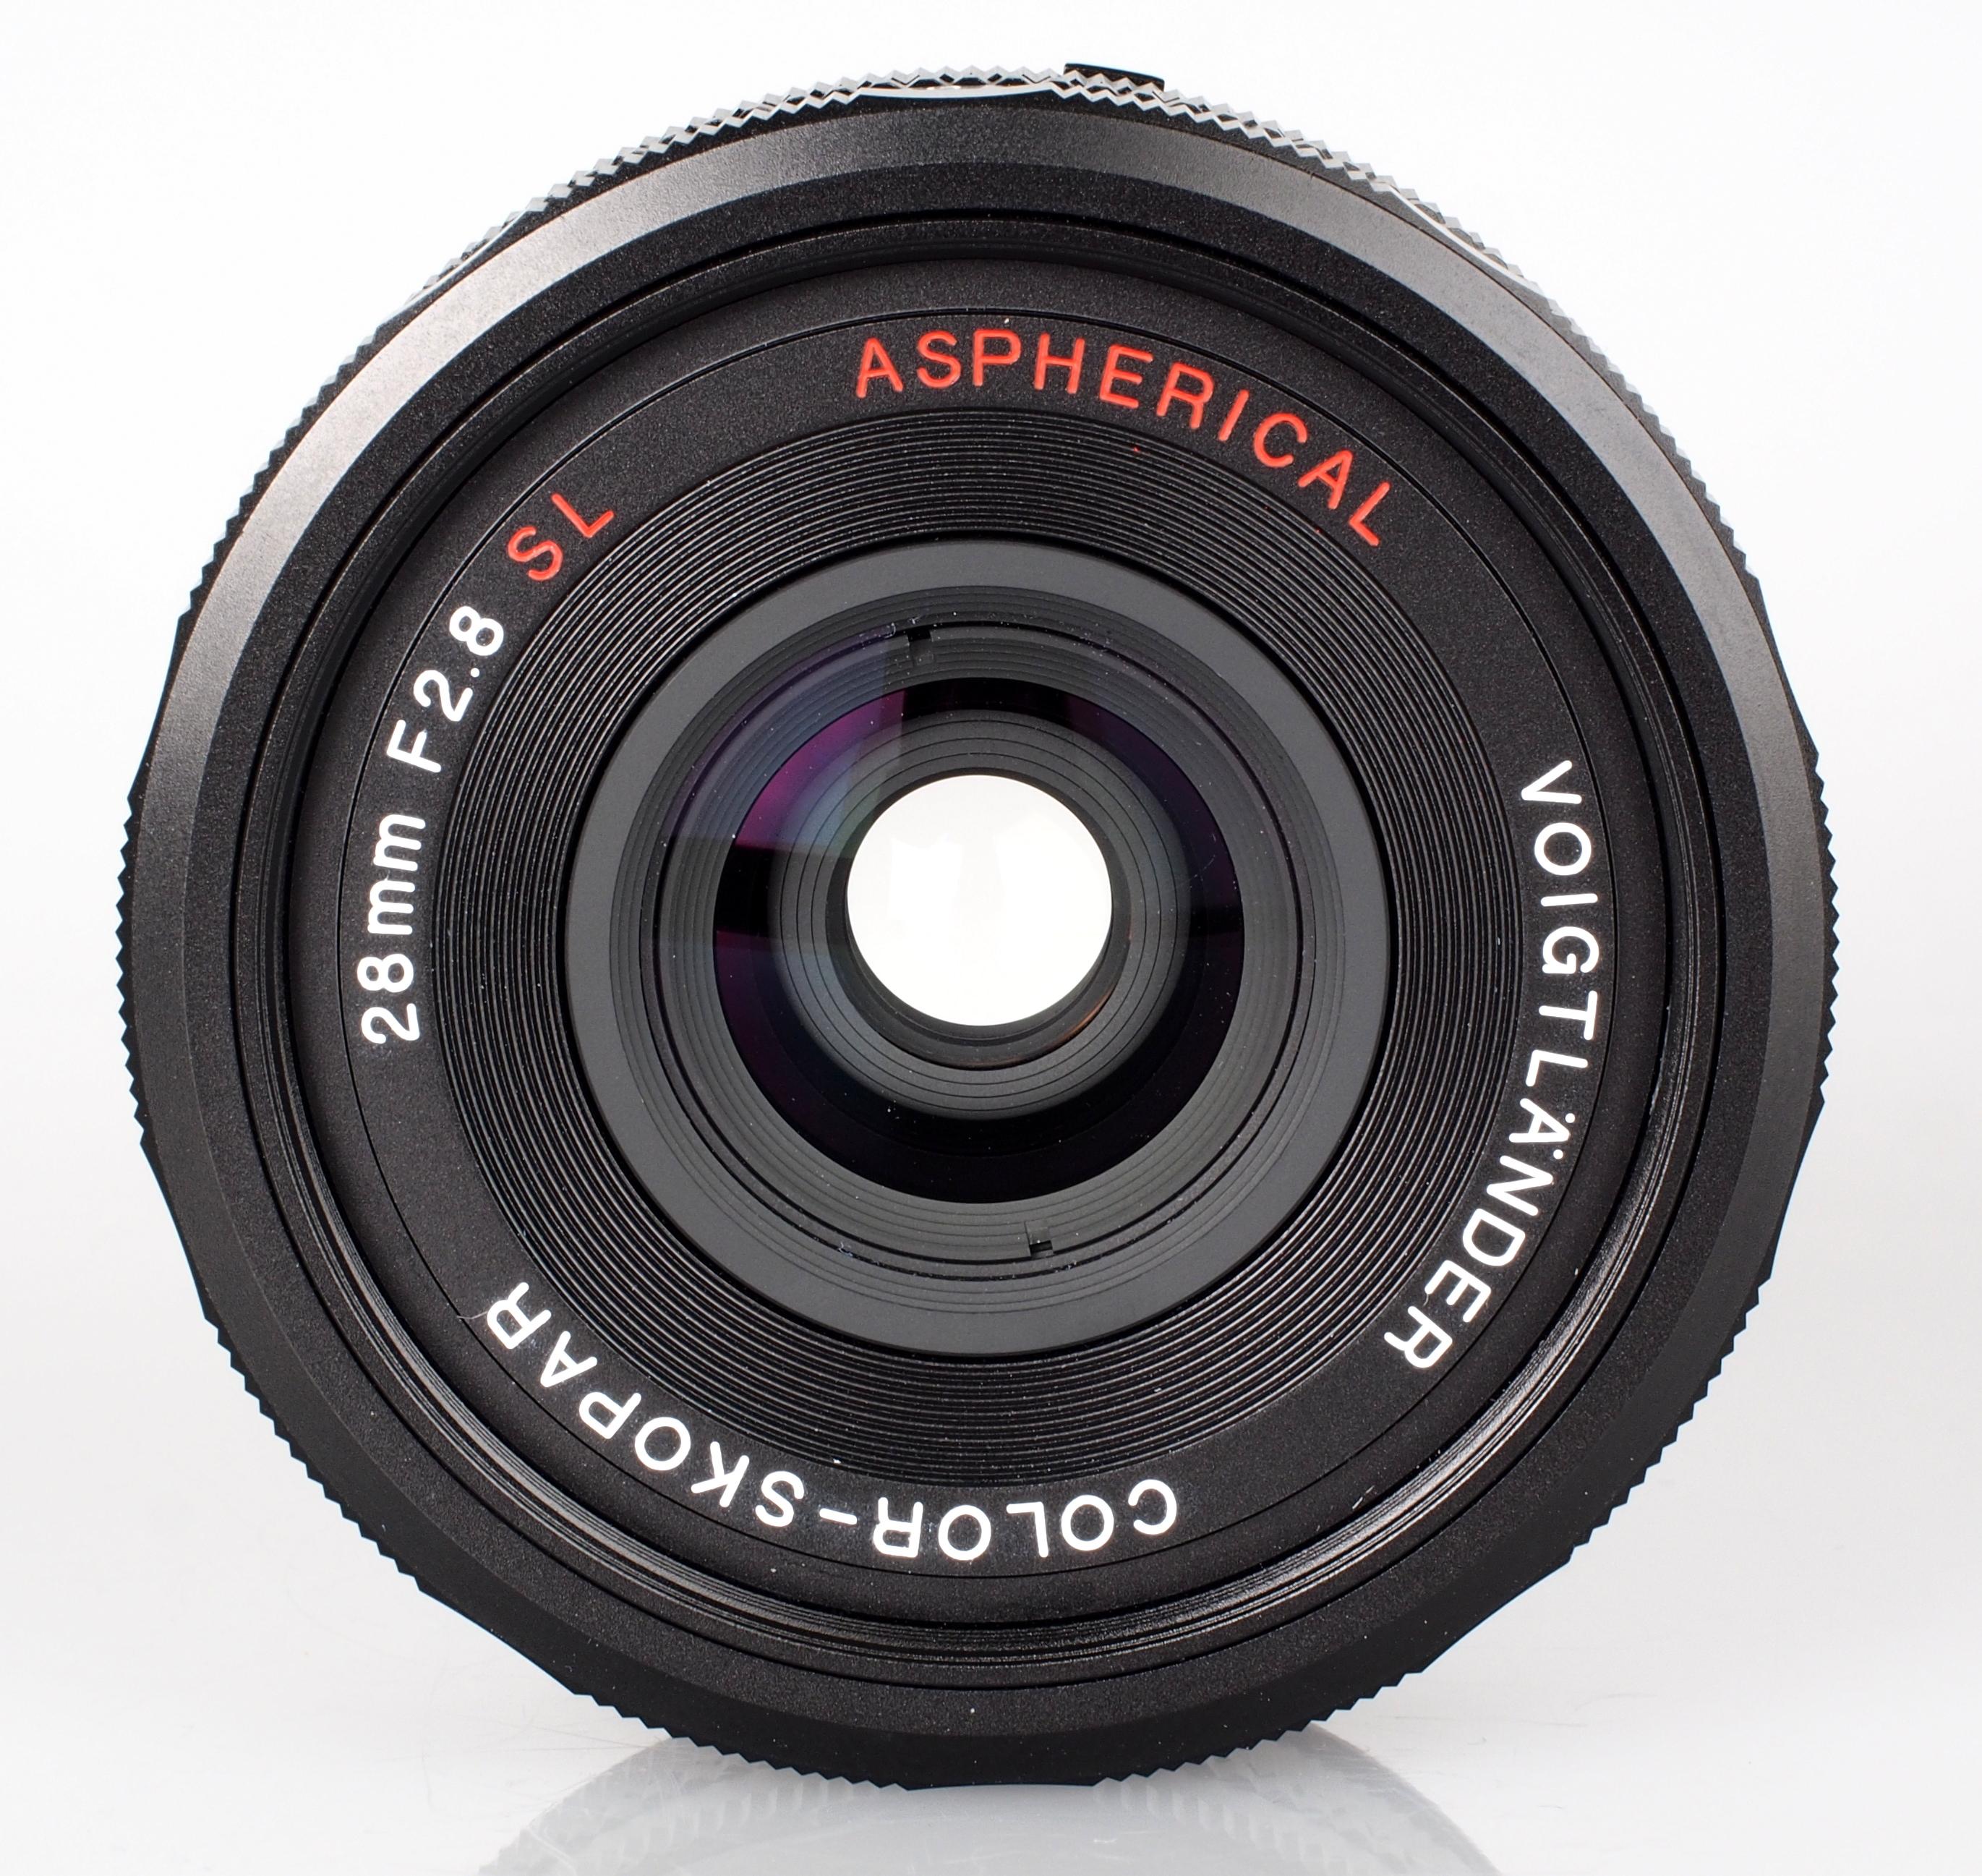 Voigtlander 28mm f/2.8 Color Skopar SL II SLR Lens Performance